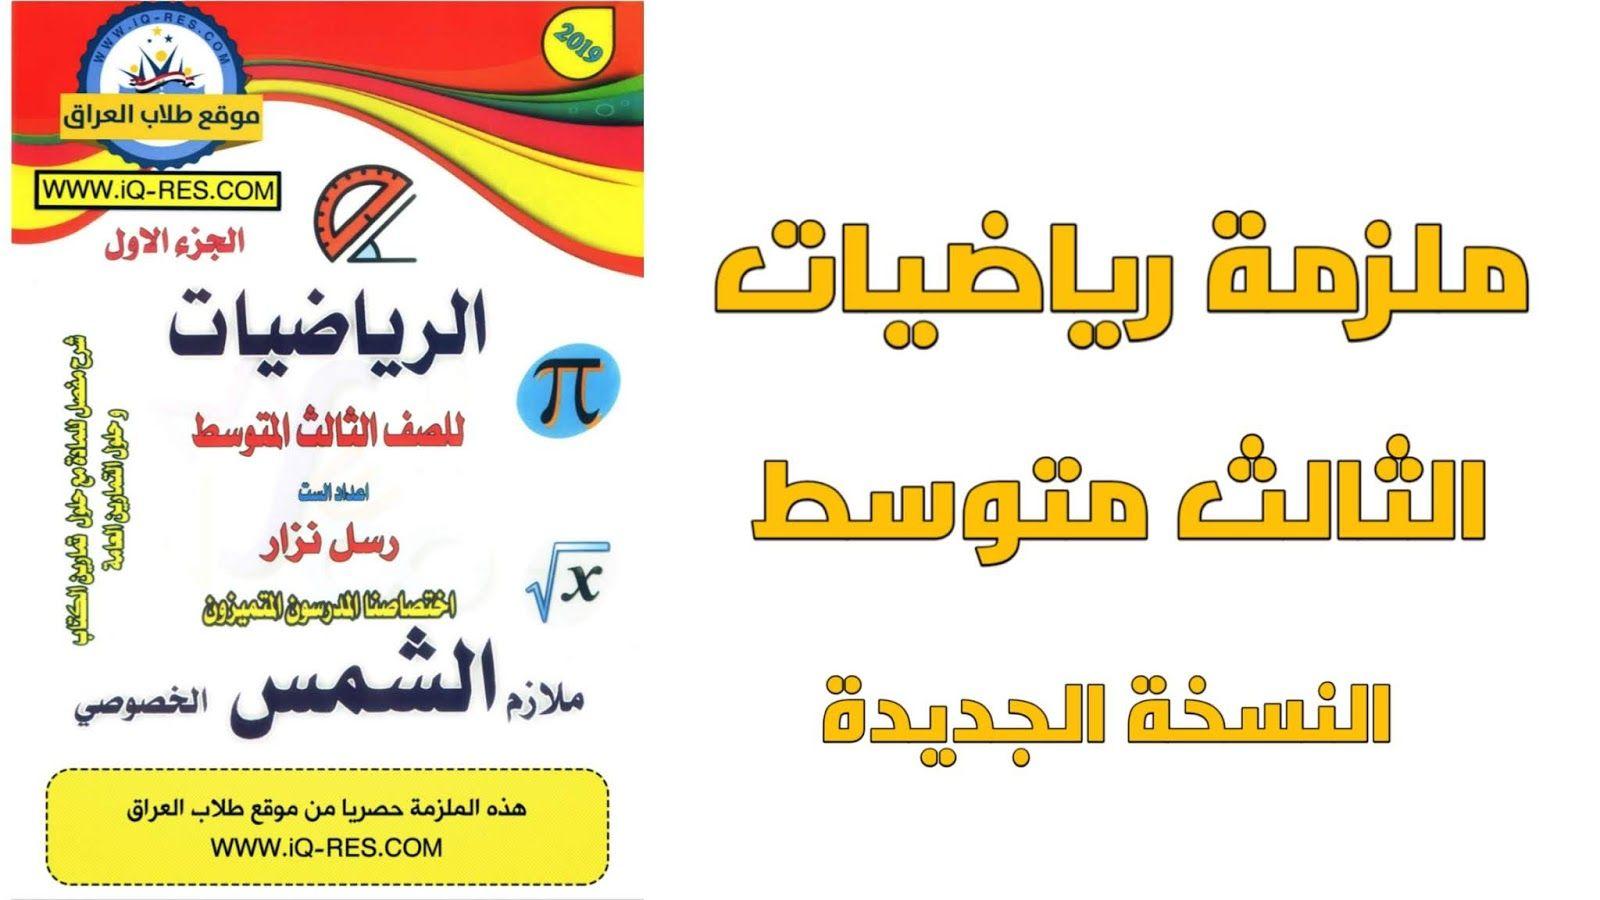 ملزمة رياضيات للصف الثالث متوسط ملزمة كتاب الرياضيات للصف الثالث متوسط احدث نسخة موجودة من ملزمة كتاب الرياضيات للصف ا Calligraphy Arabic Calligraphy